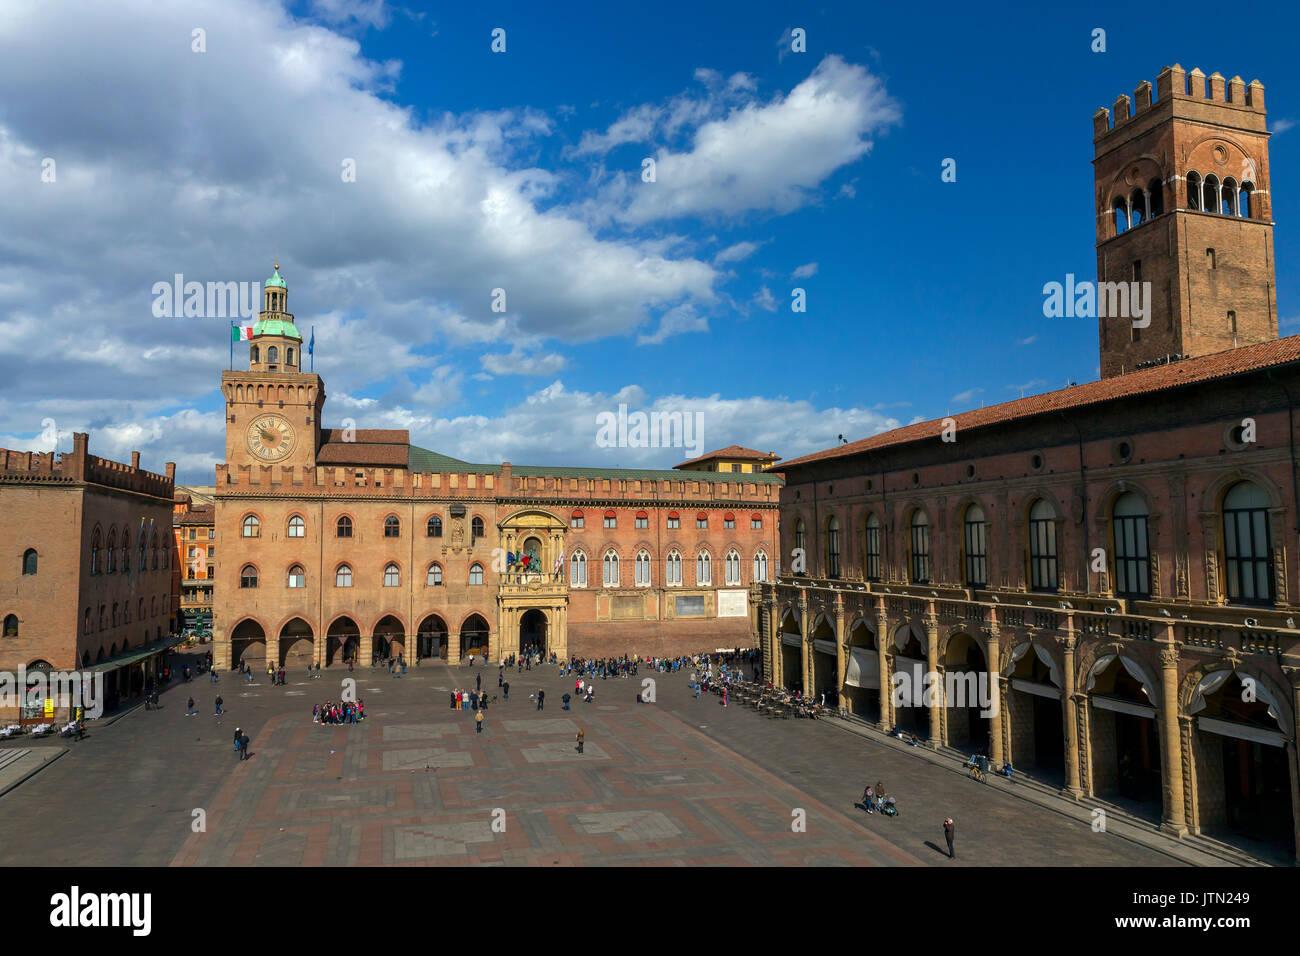 Palazzo d'Accursio, Piazza Maggiore, Bologna, Emilia-Romagna region, Italy - Stock Image